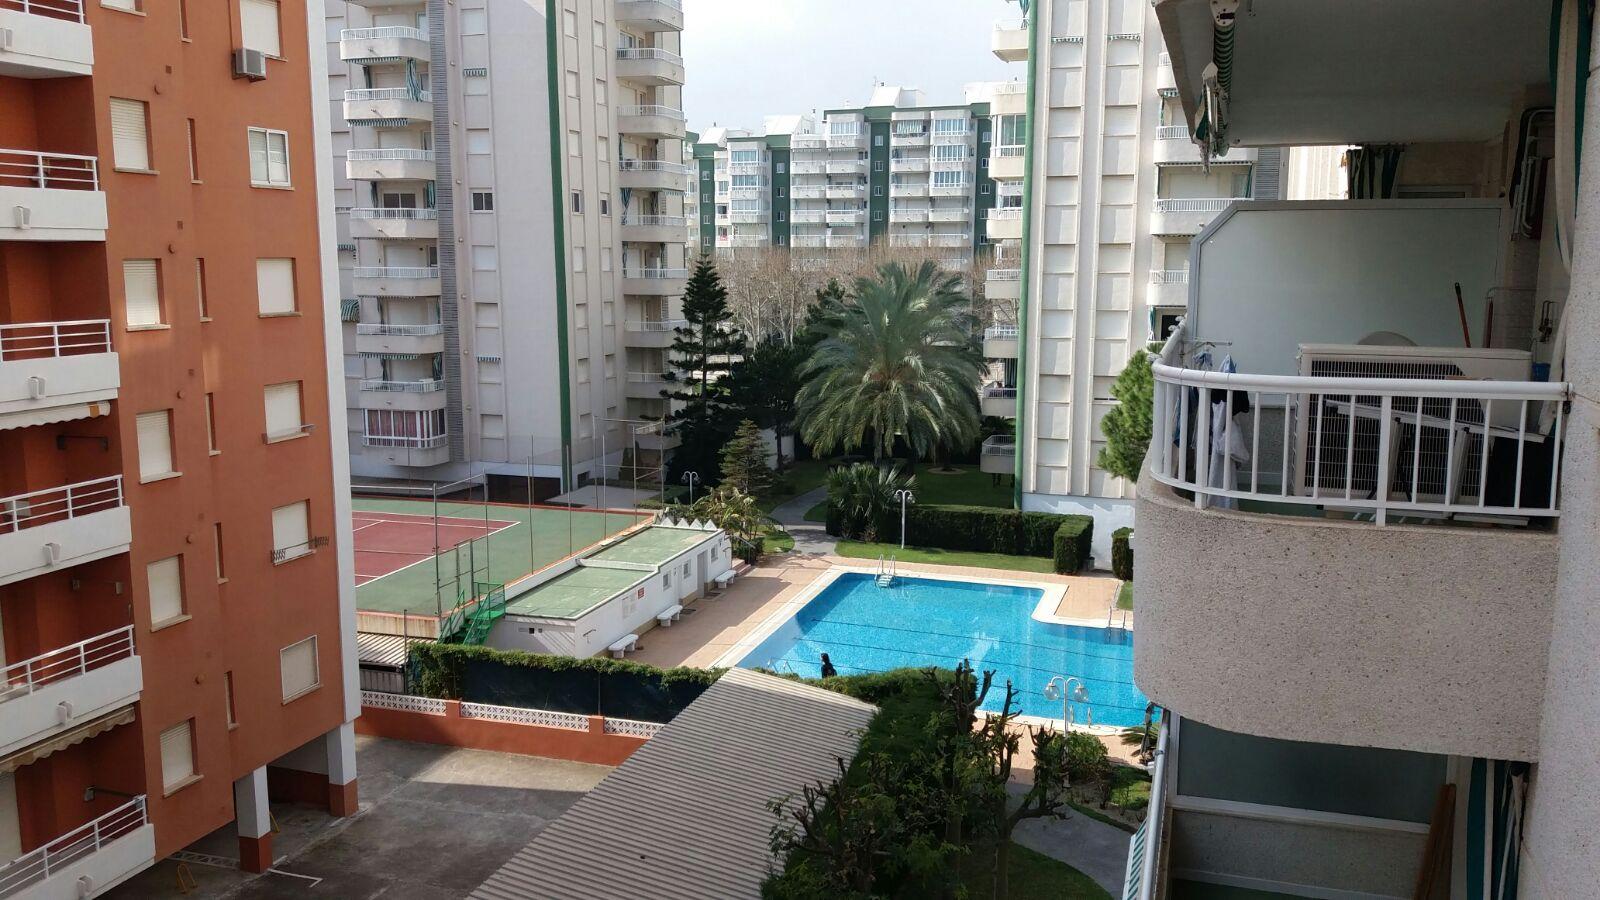 Alquiler de pisos en playa de - Apartamentos baratos playa vacaciones ...